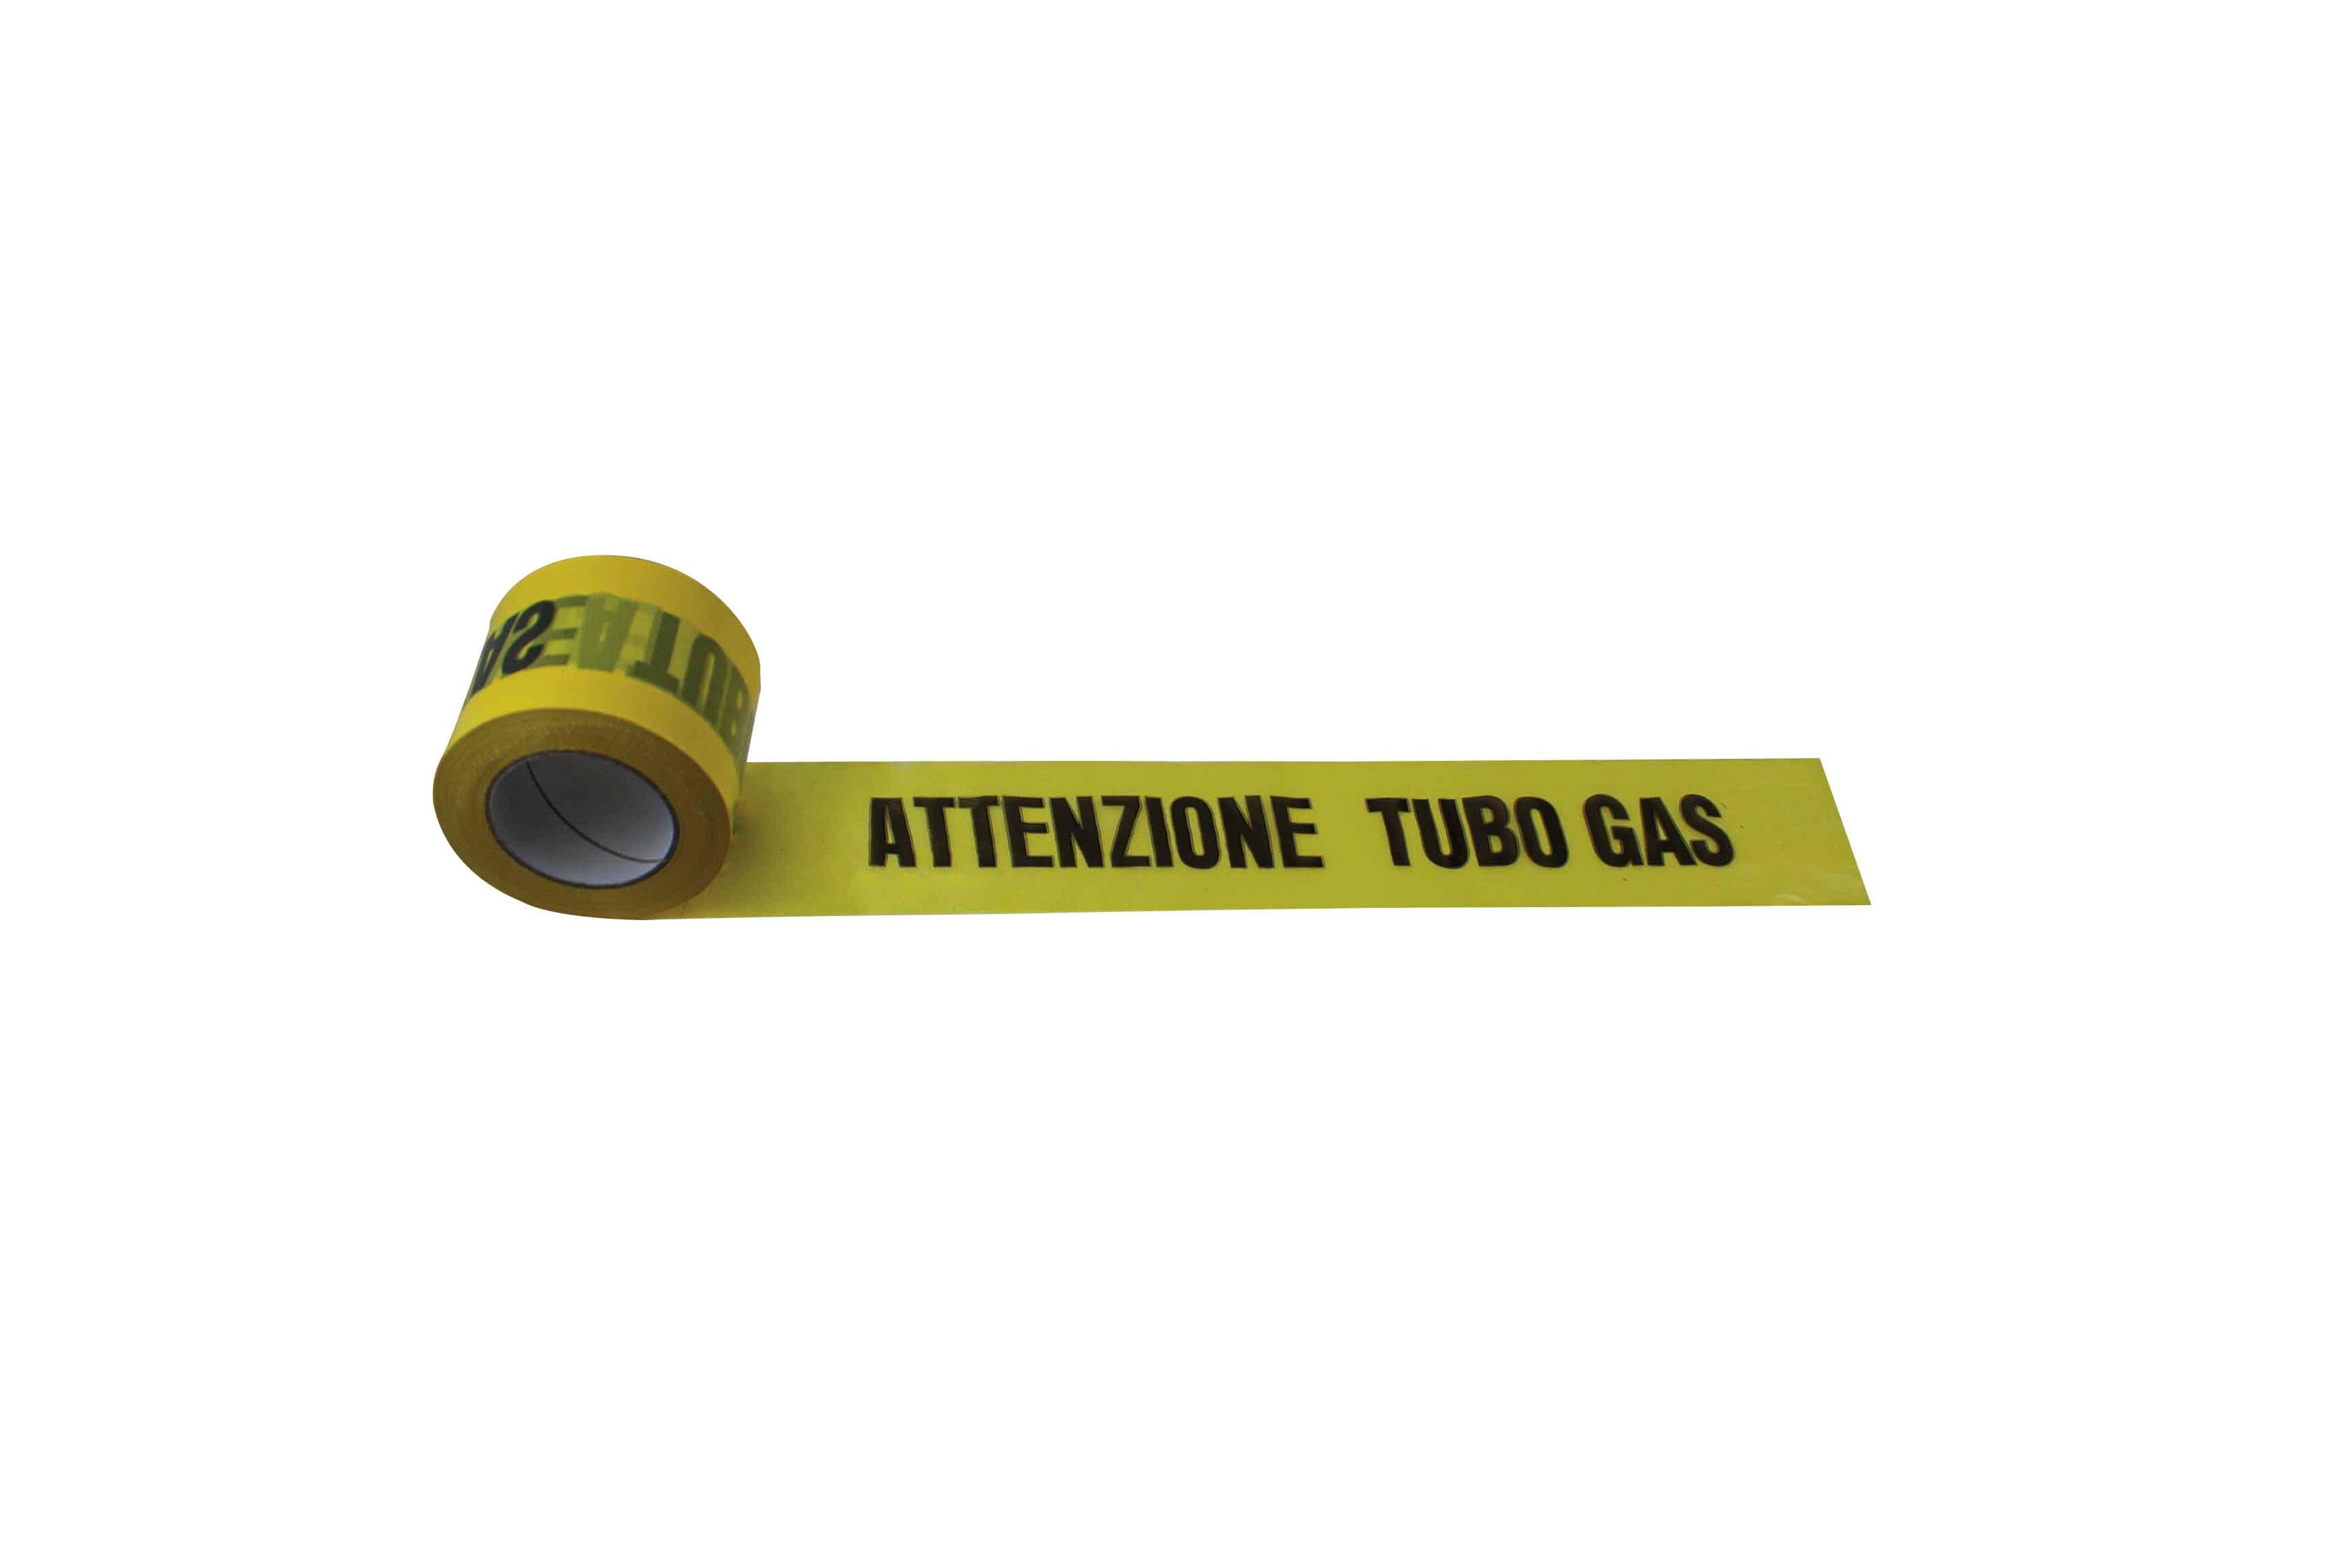 NASTRO DI SEGNALAZIONE TUBO GAS